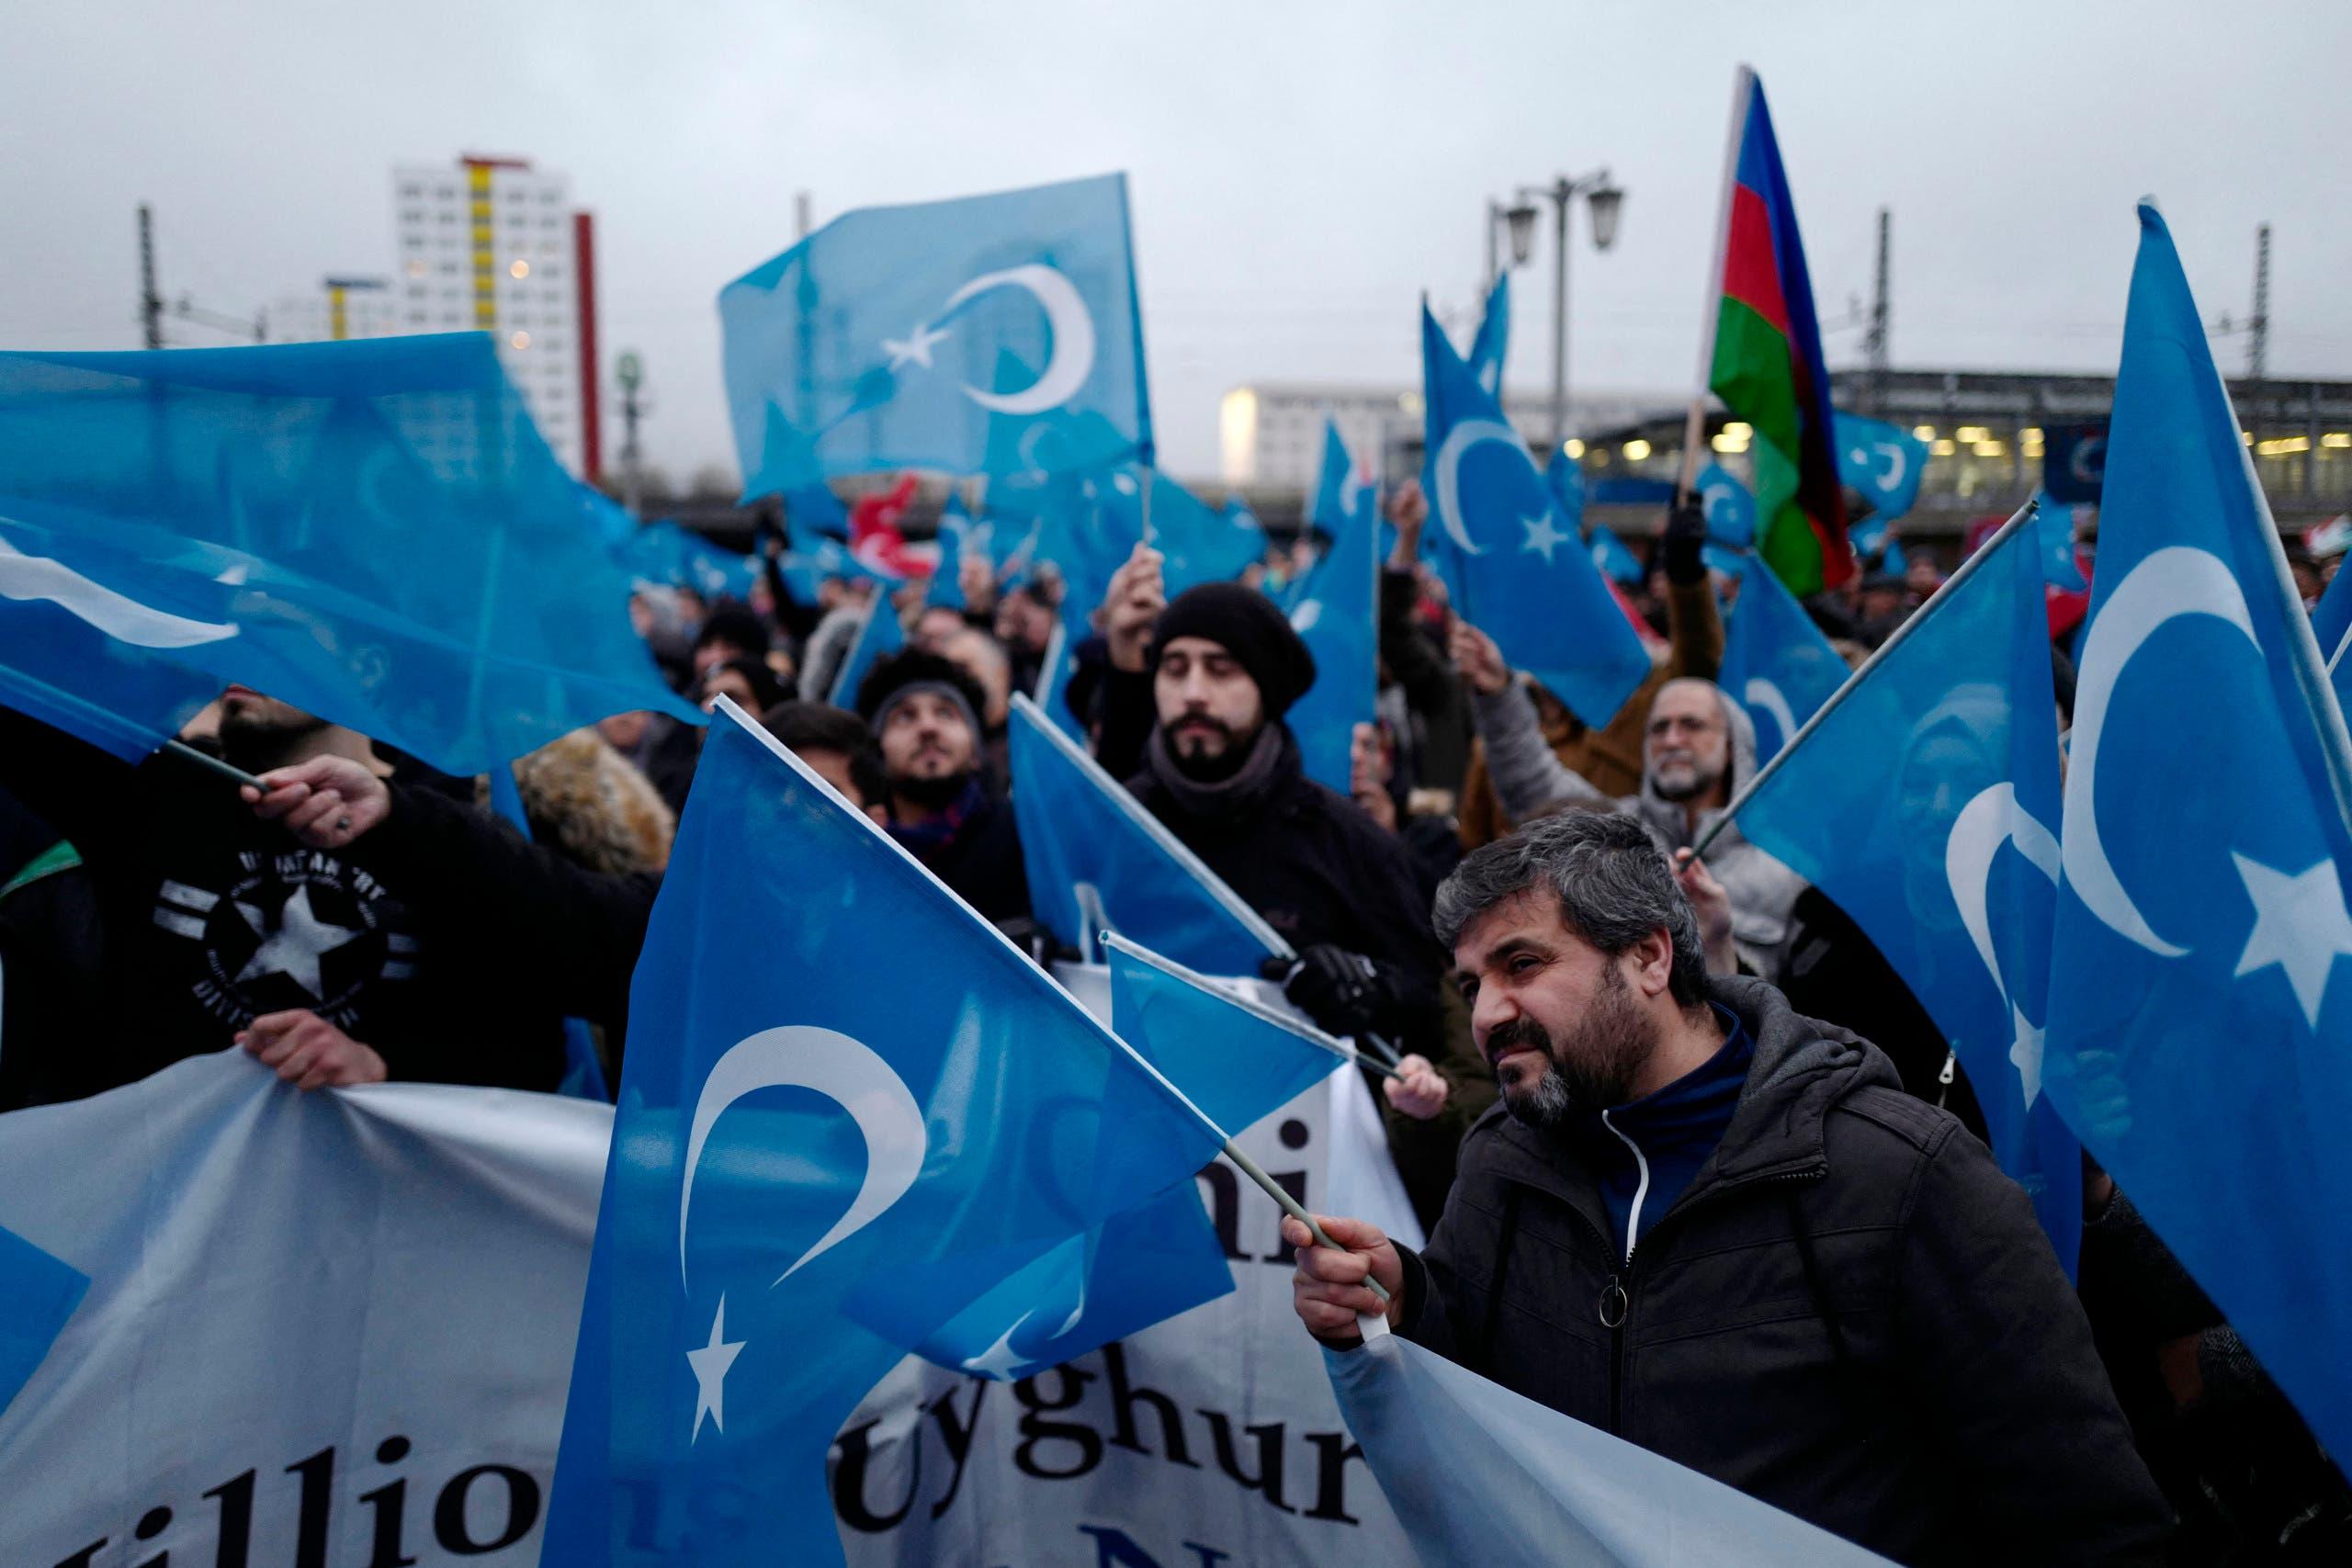 مظاهرة منددة بتعامل الصين مع الإيغور أمام السفارة الصينية في برلين في 2019